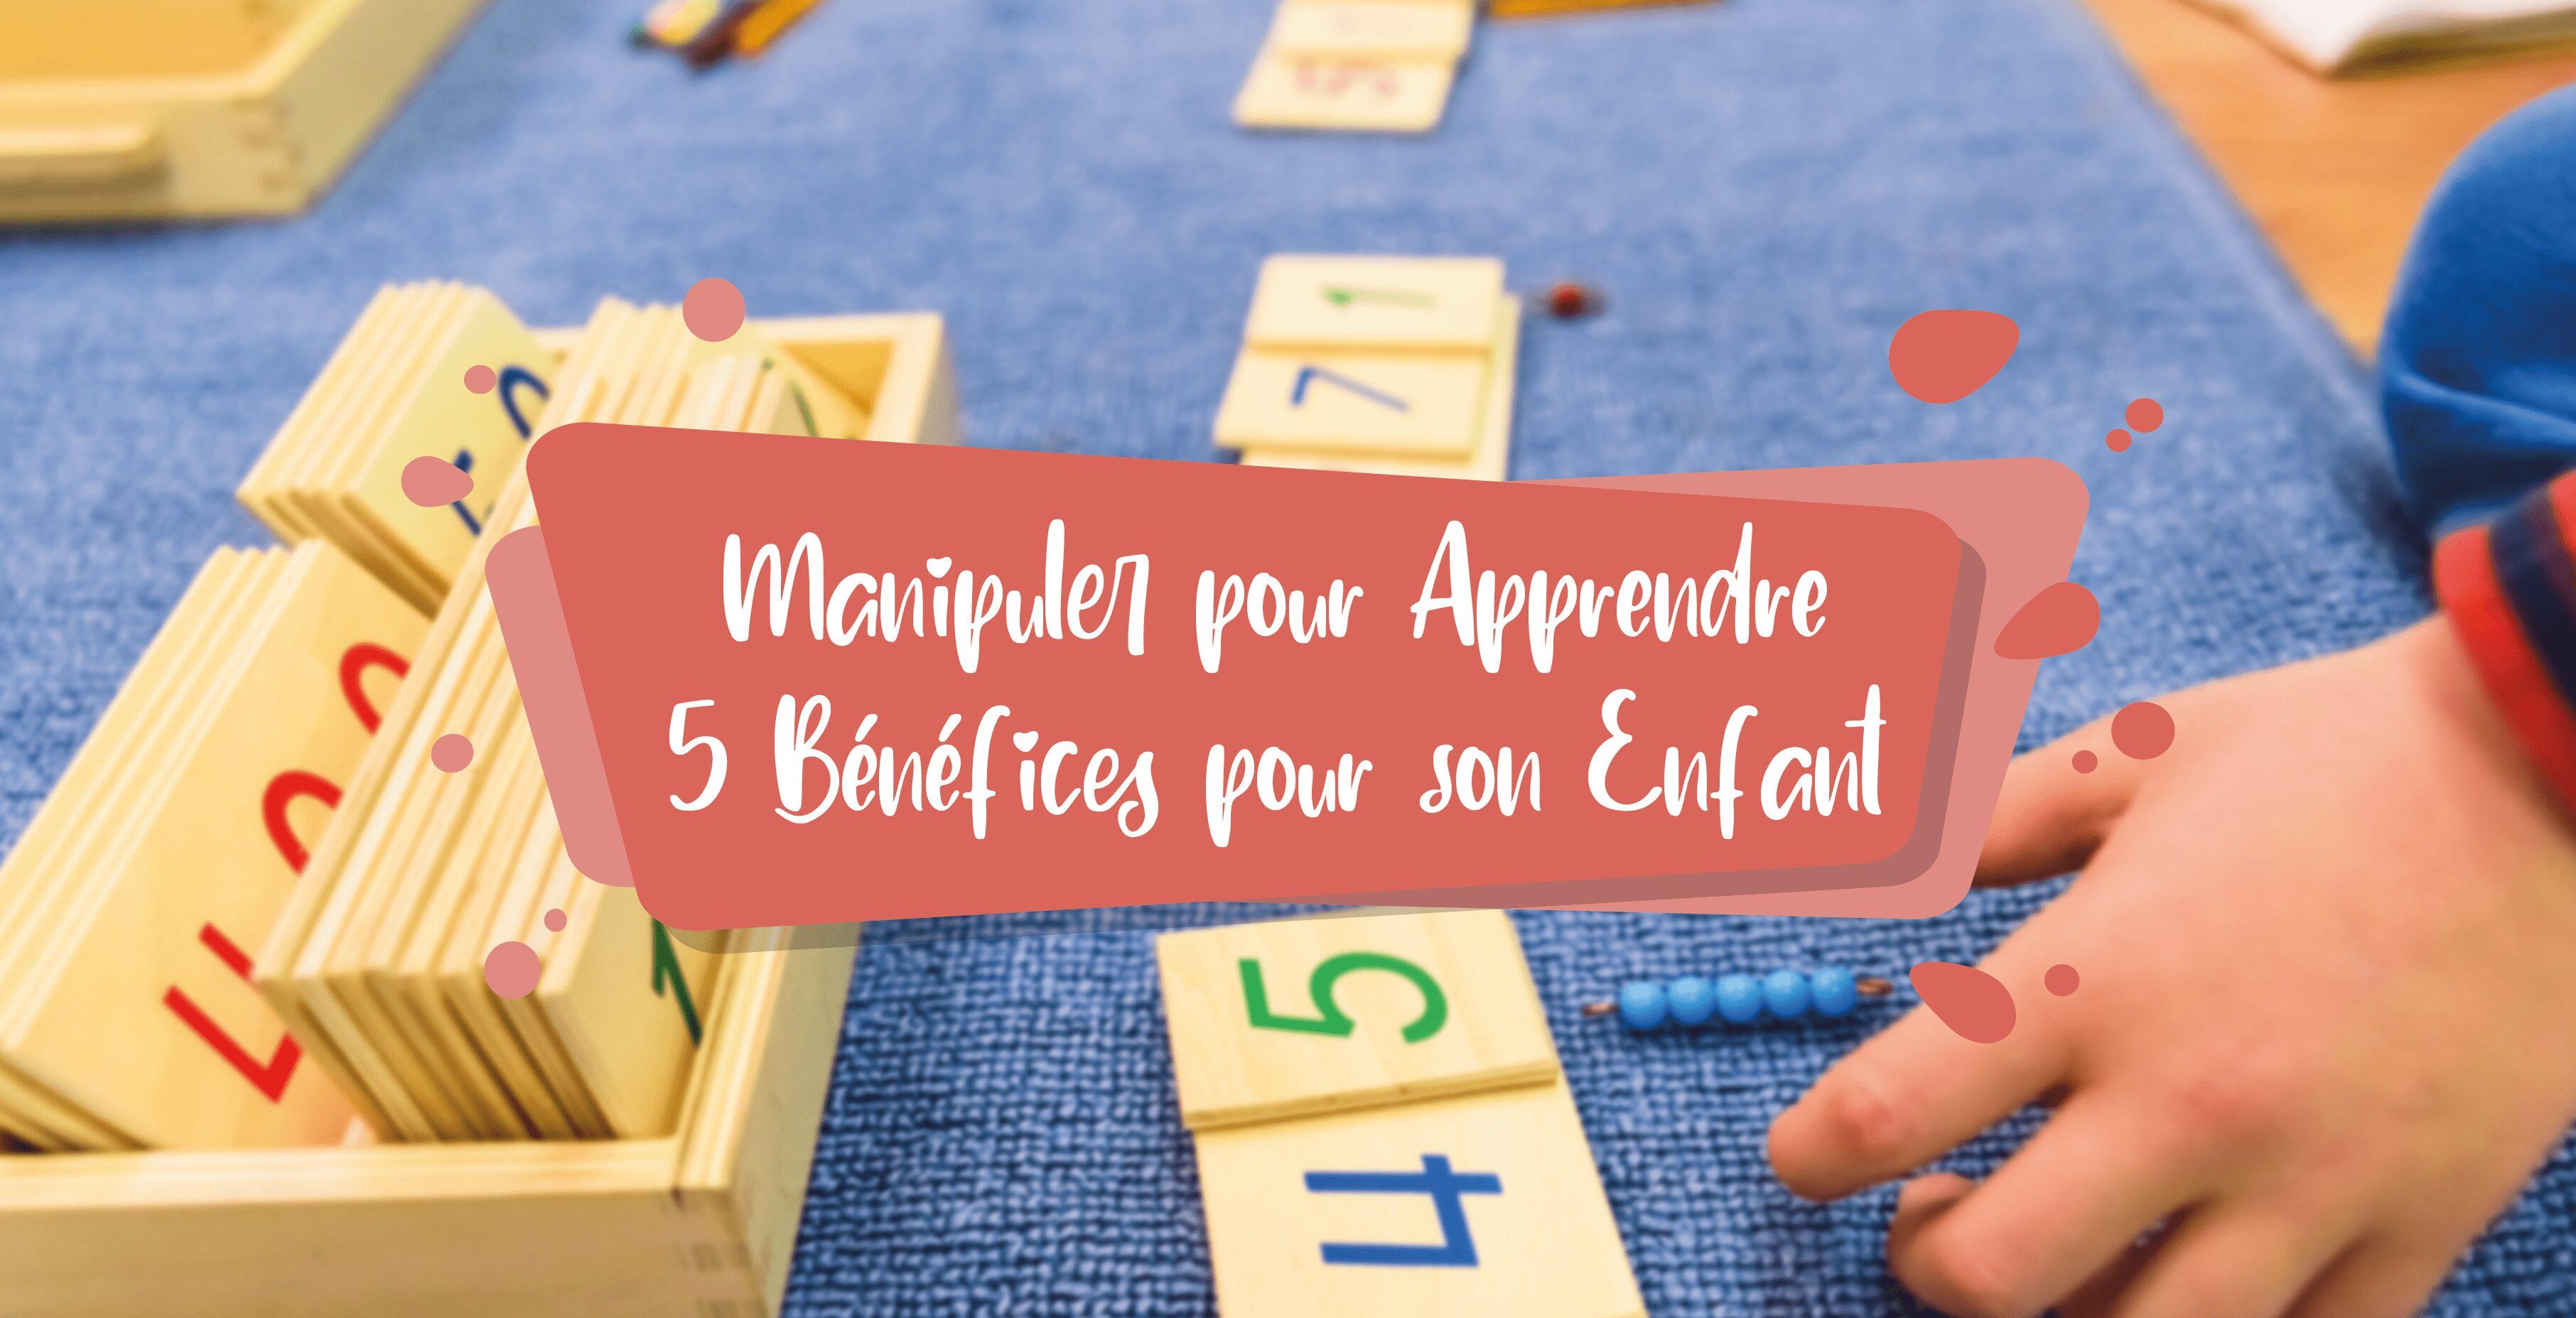 manipuler-pour-apprendre-avantages-enfants-ecole-maternelle-ecole-elementaire